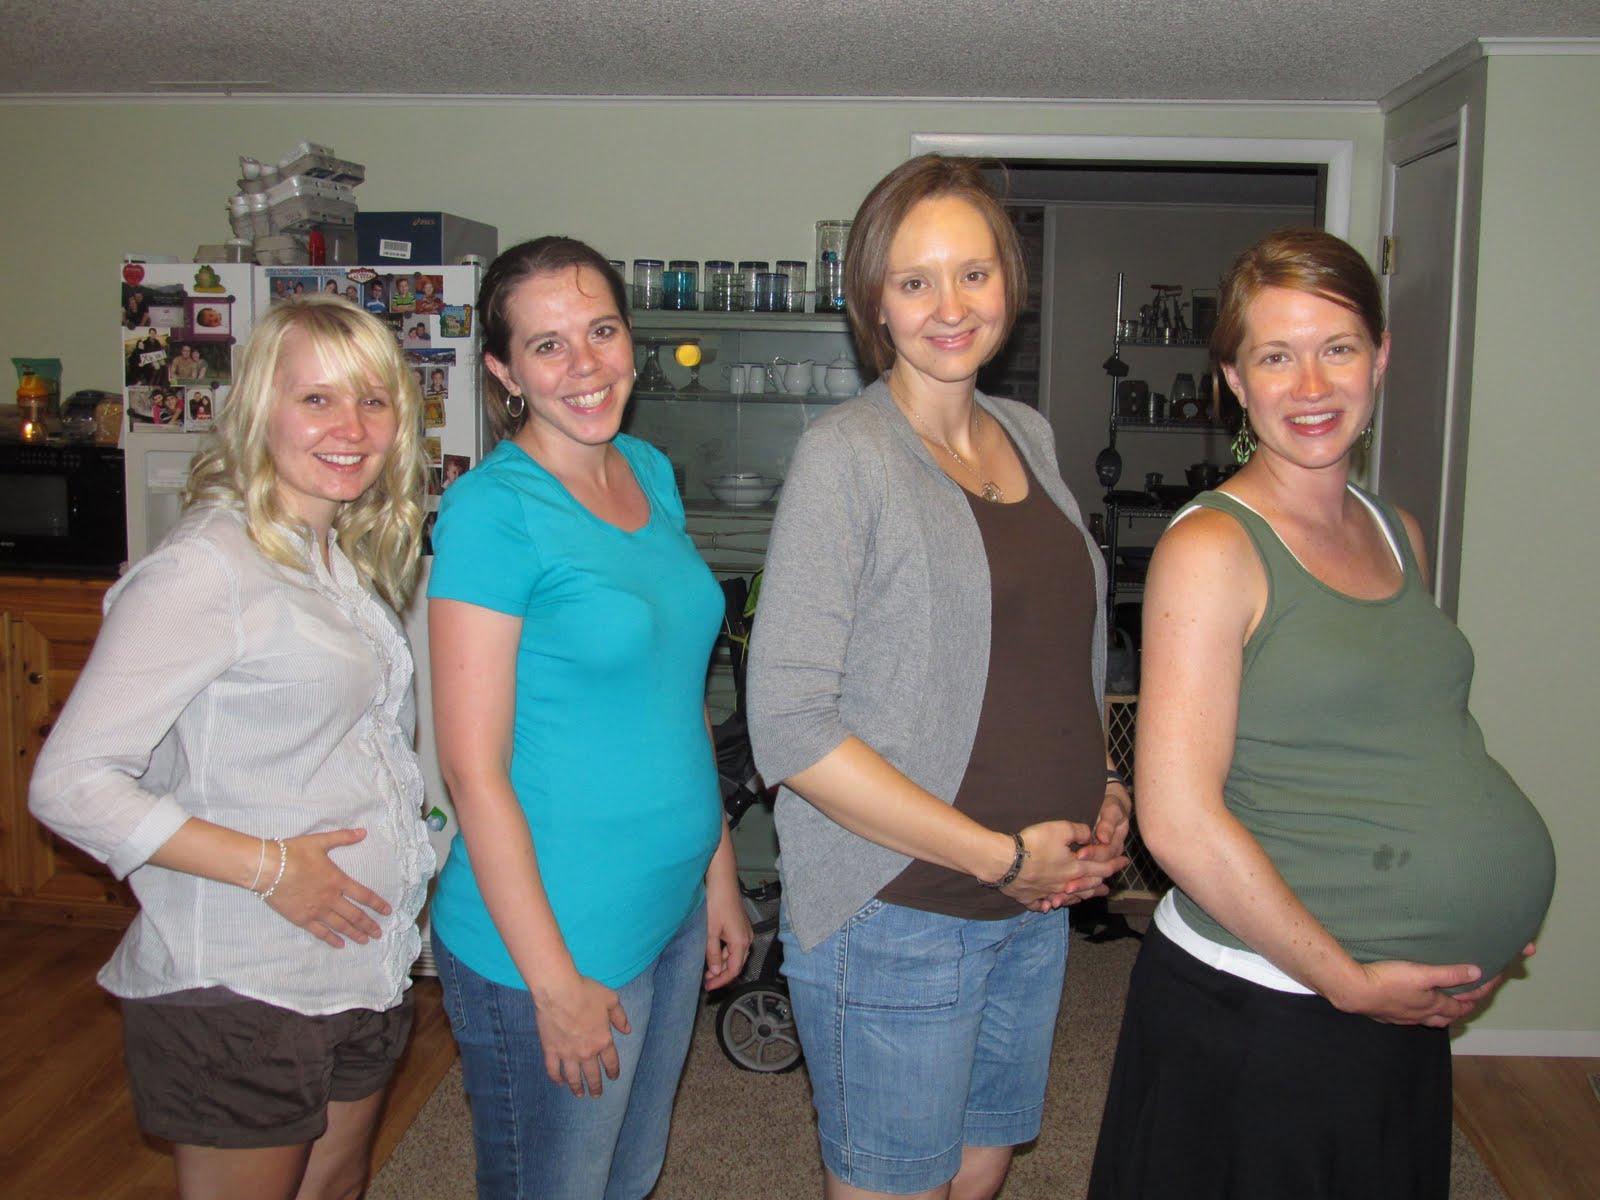 15 weeks, 16 weeks, 25 weeks, 38wks pregnant